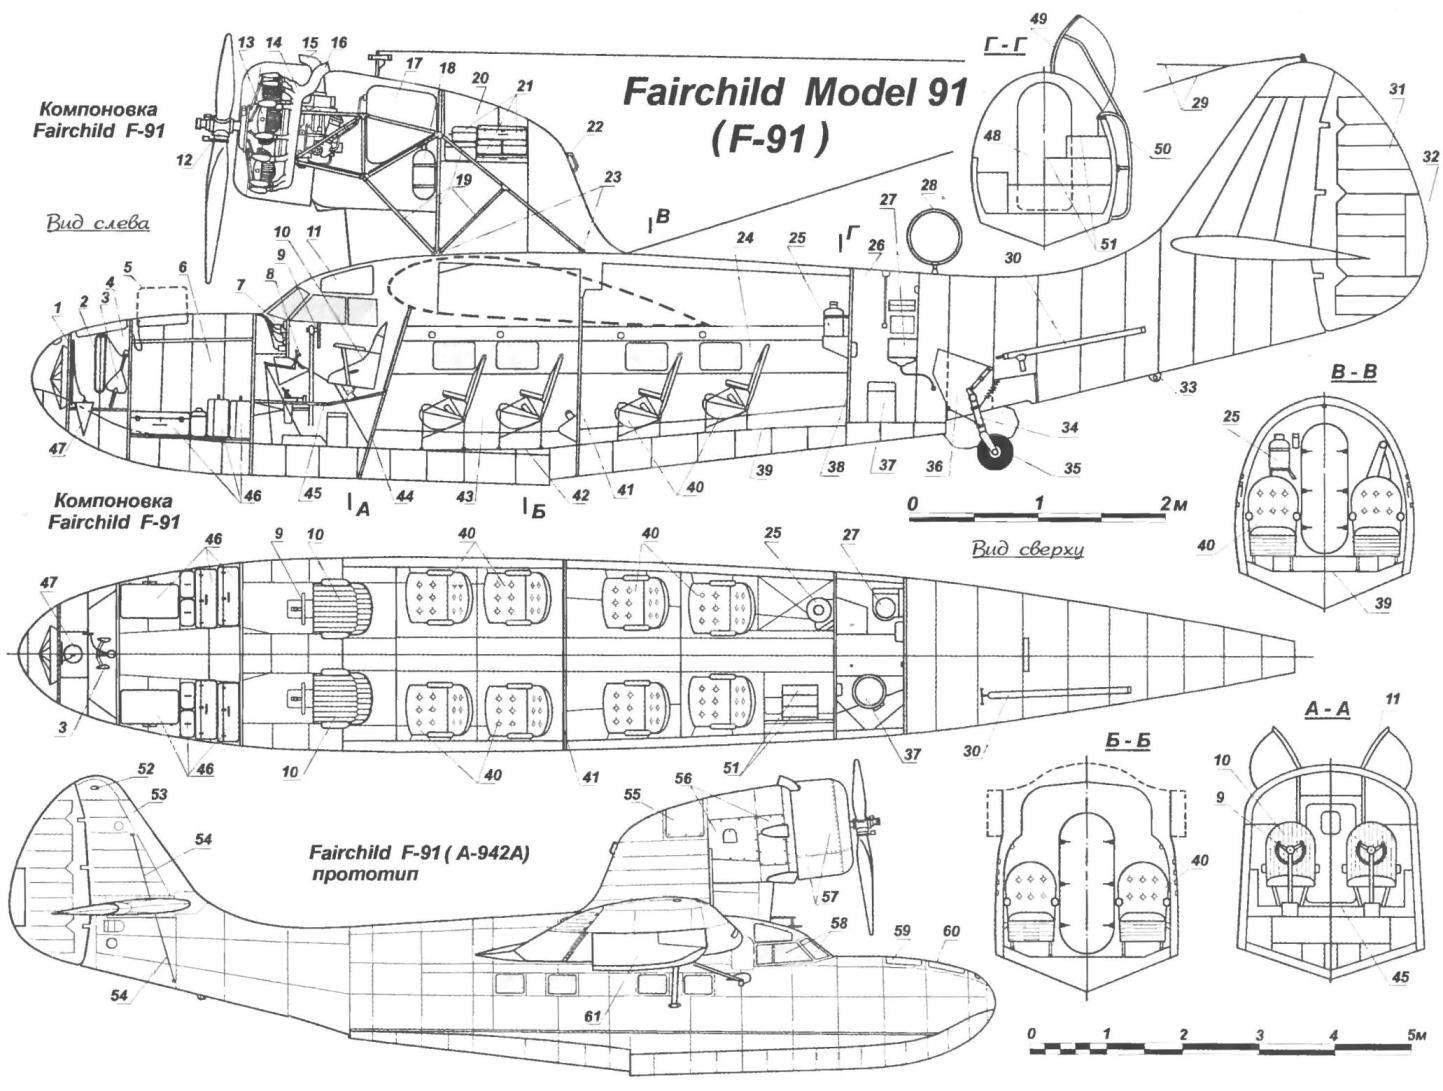 Летающая лодка-амфибия Fairchild Model 91 (F-91)